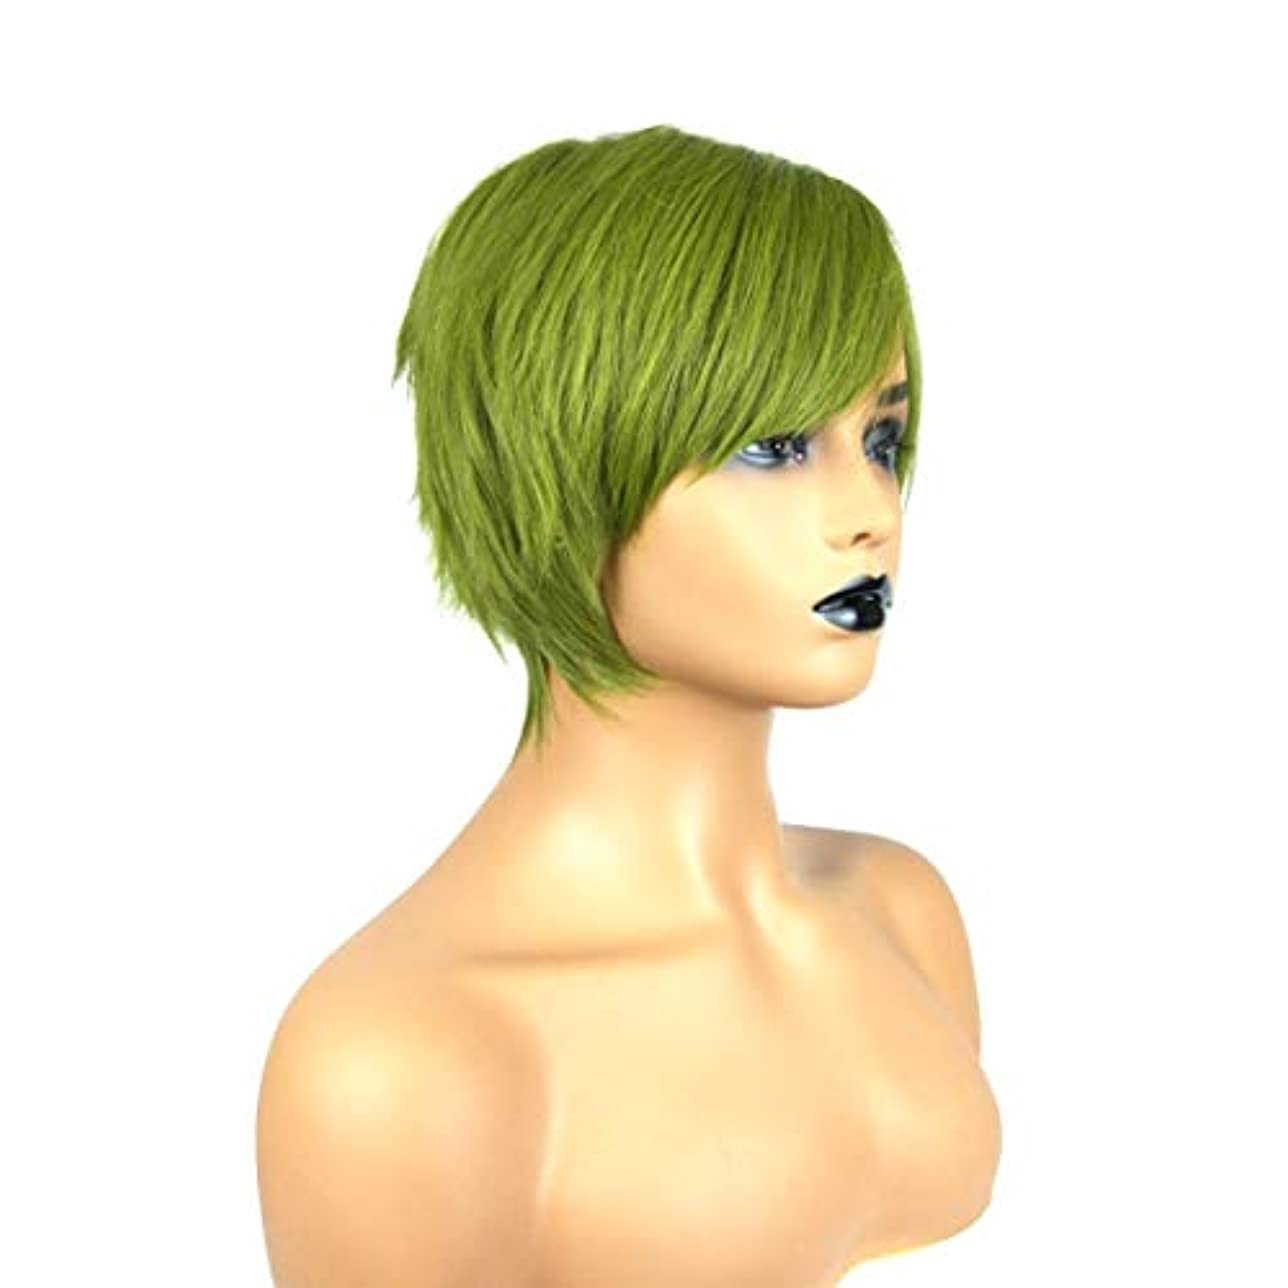 過言いたずら項目Kerwinner フラットグリーン前髪ストレートグリーンショートストレートヘアショートボブヘアかつら